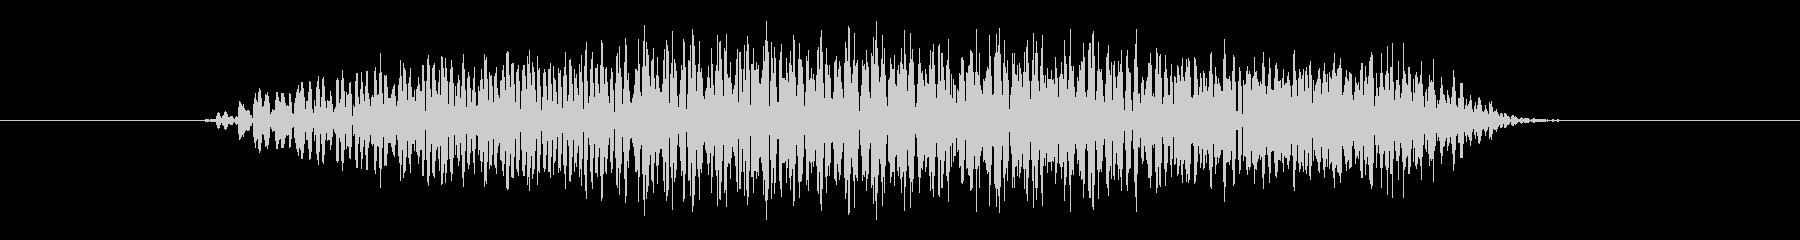 鳥 バードレイヴン02の未再生の波形